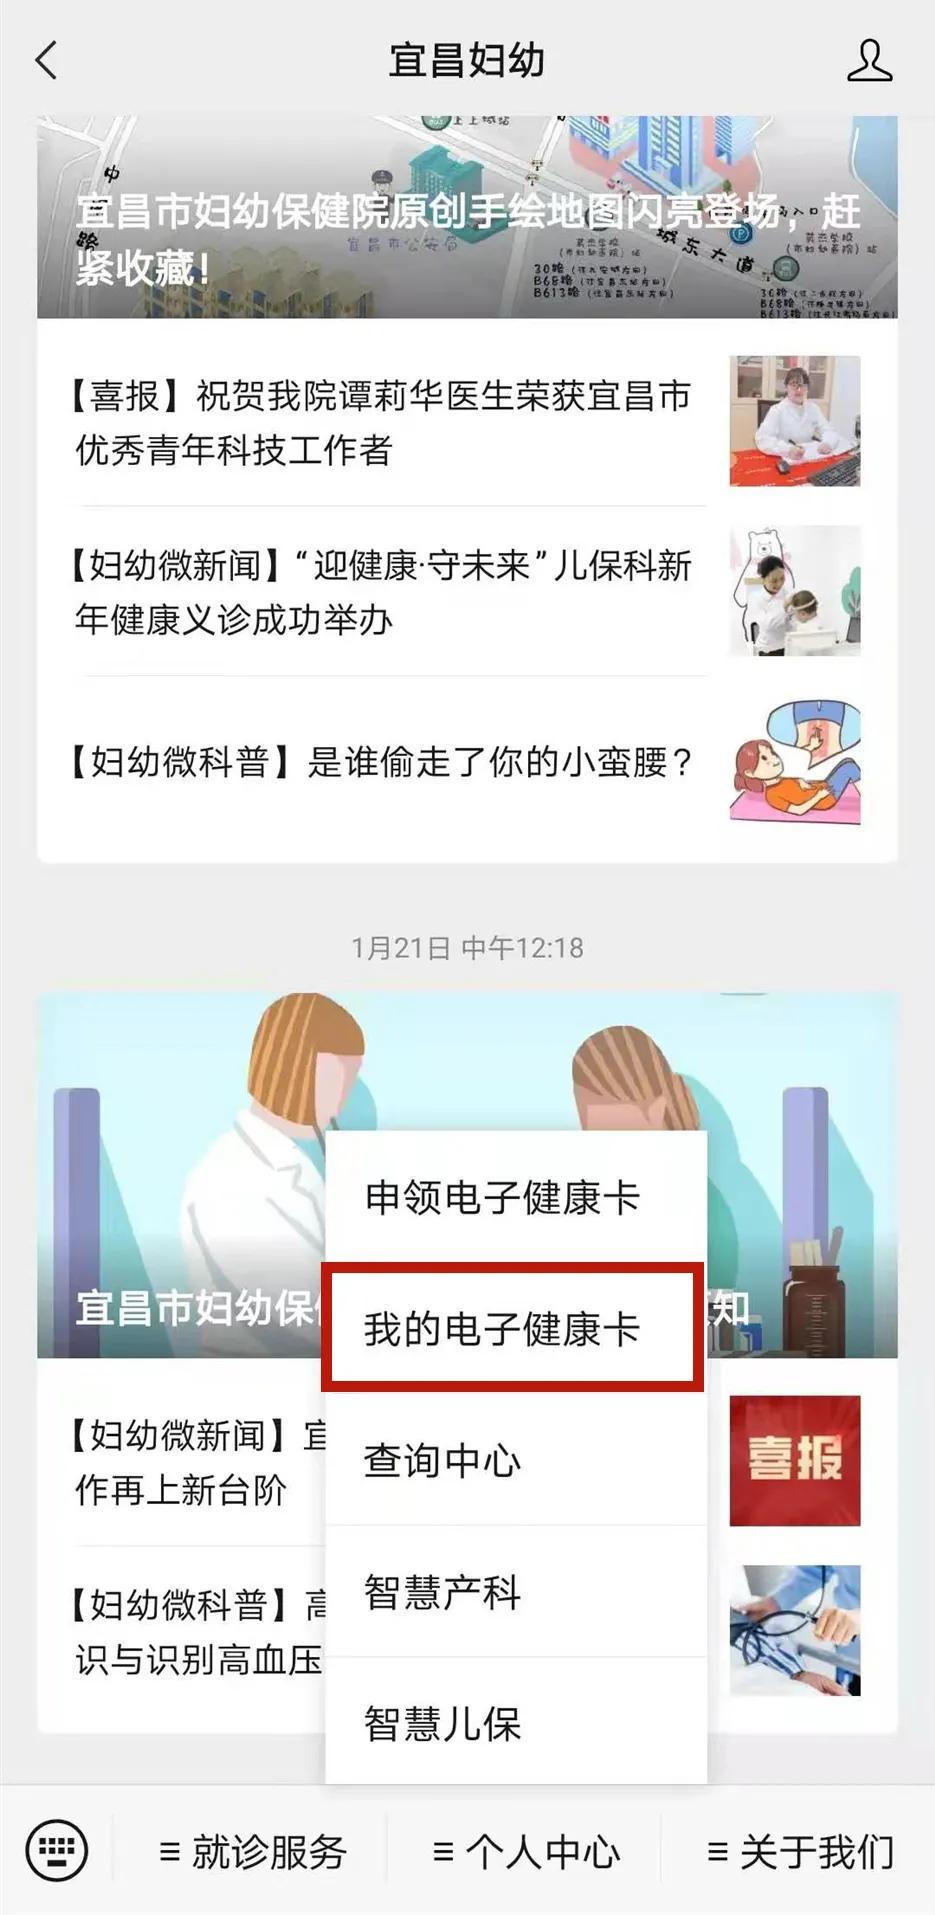 2021年春季幼儿(新生)入园体检温馨告知